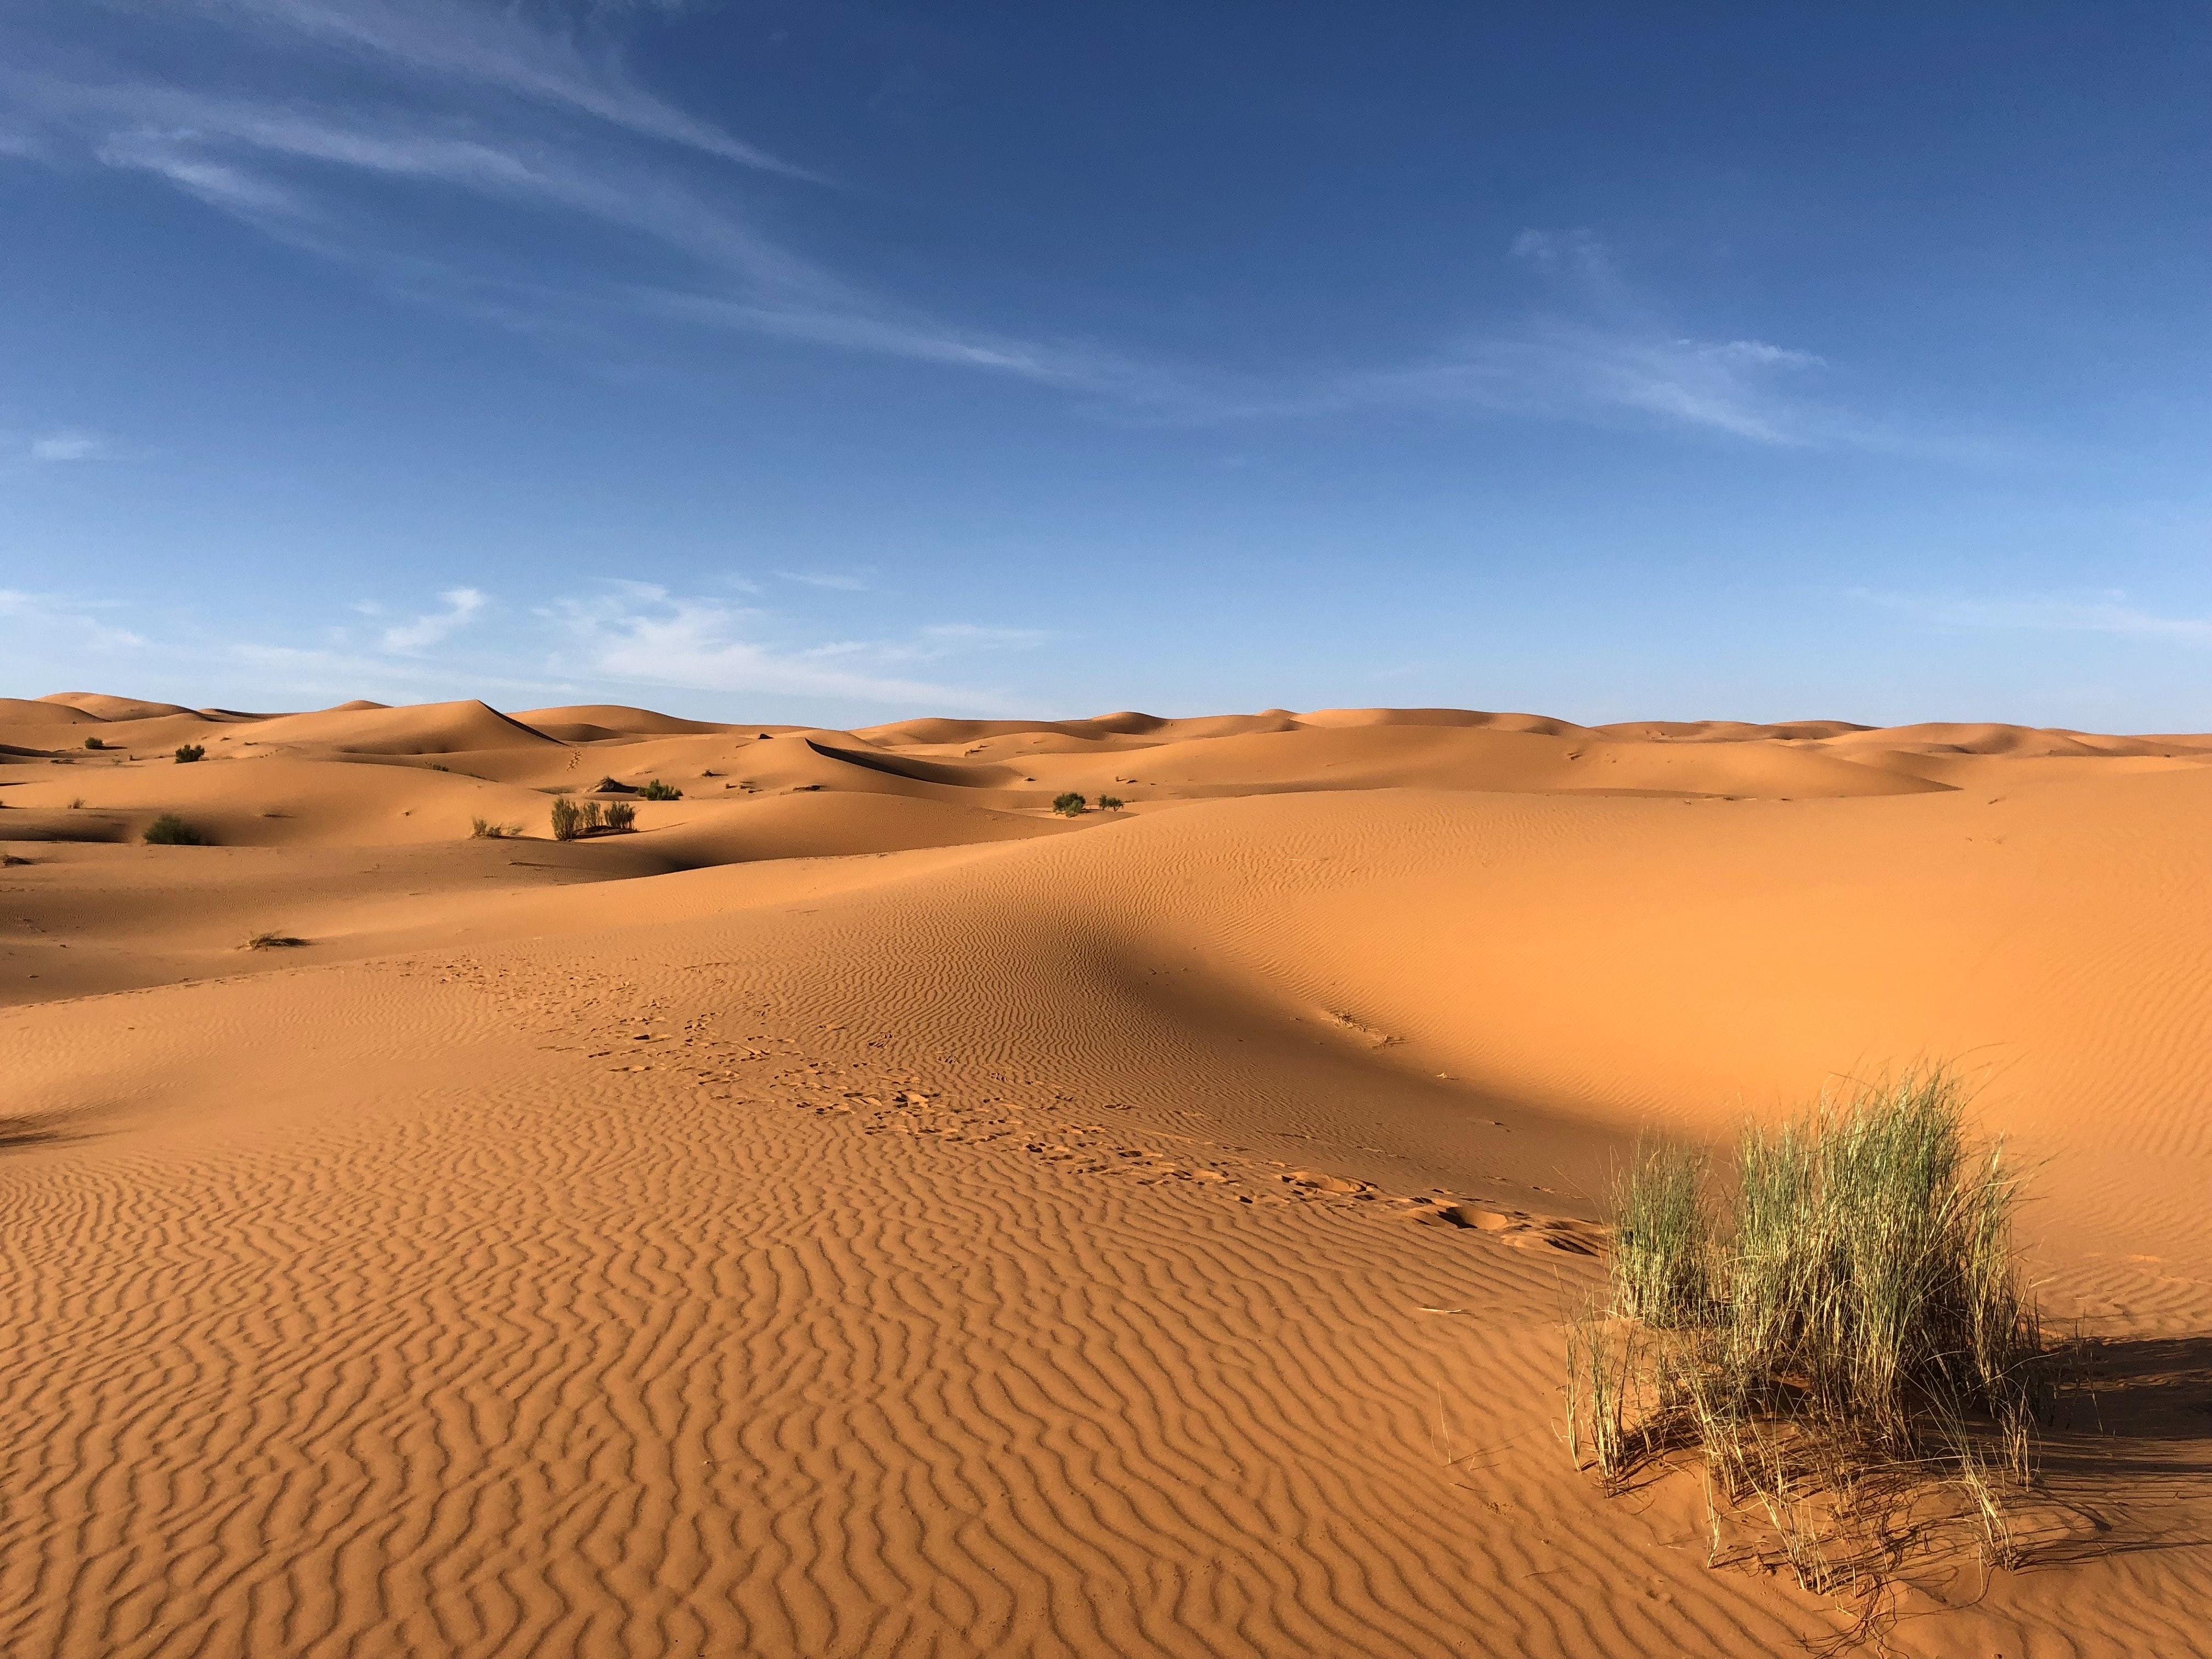 green-grasses-on-sahara-desert-1001435